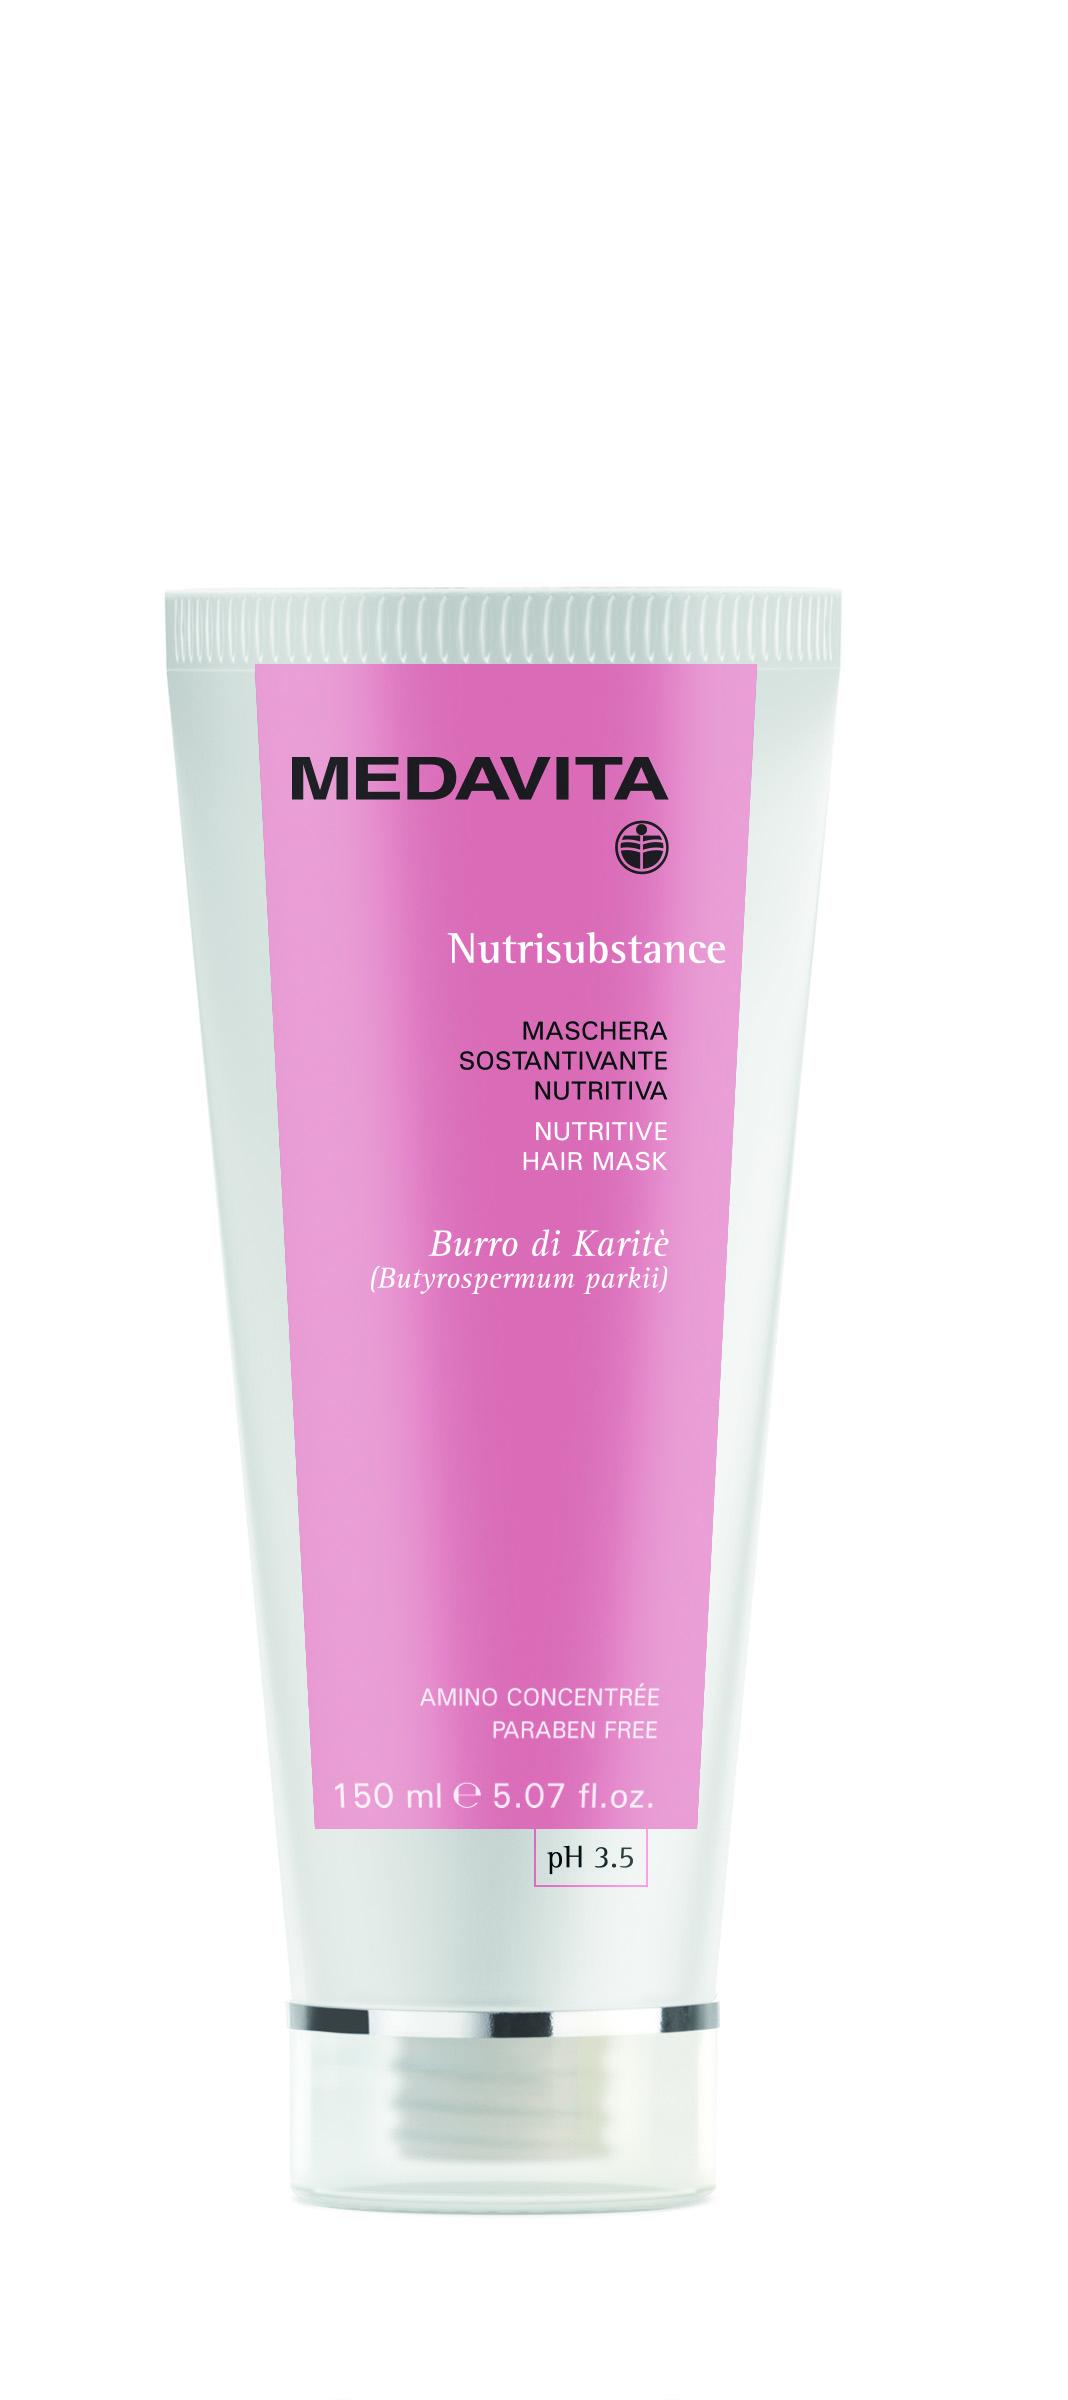 Маска Nutrisubstance ультрапитание для сухих волос Medavita Италия — фото №1